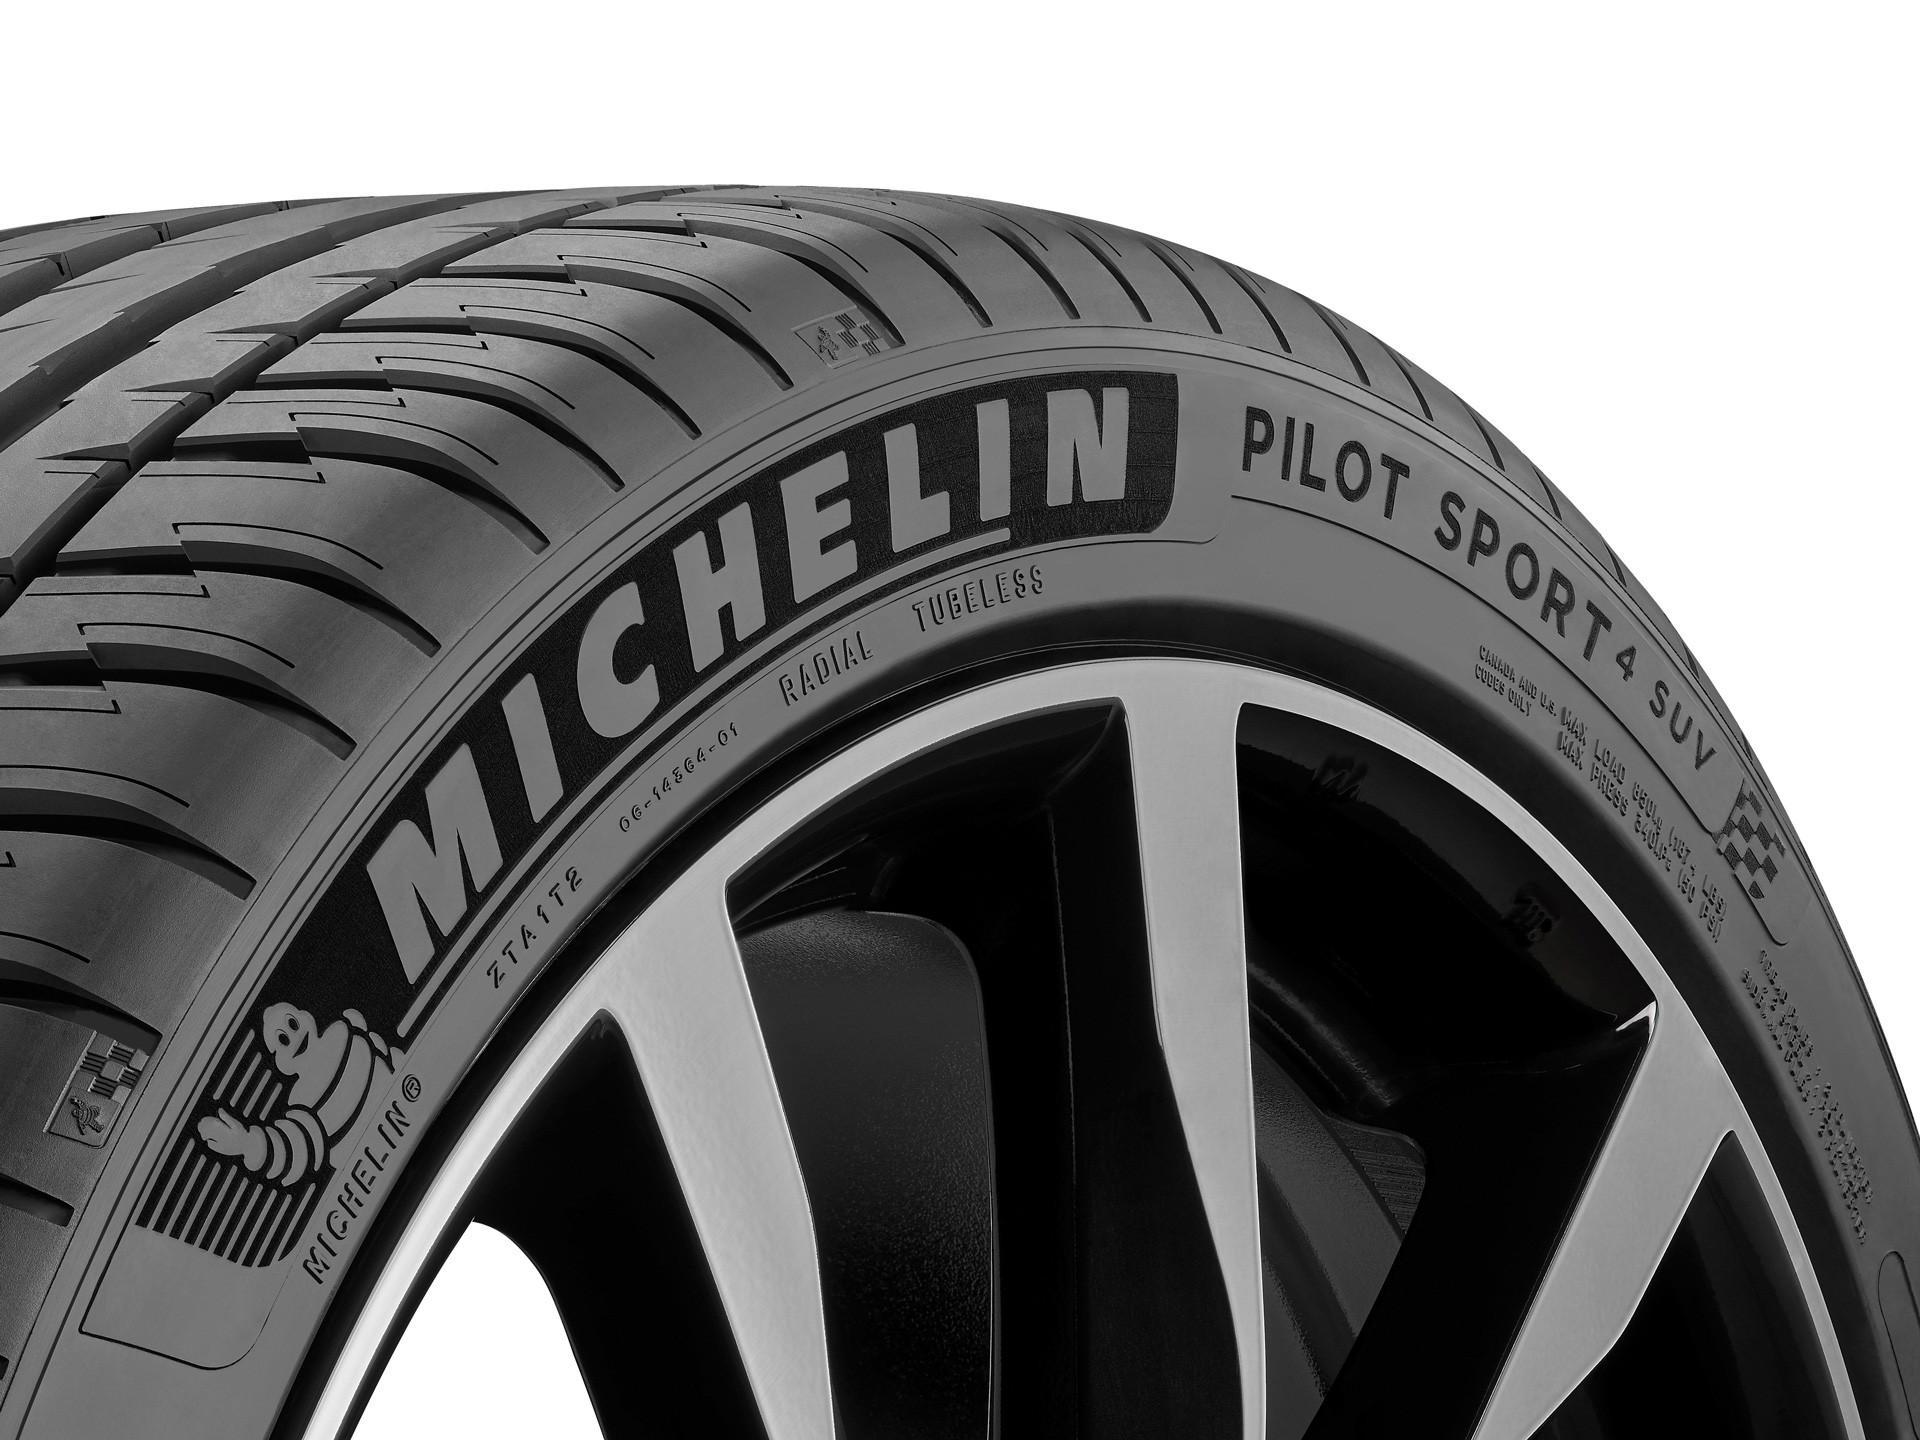 Со спортивного трека – на улицы города шины MICHELIN Pilot Sport 4 SUV